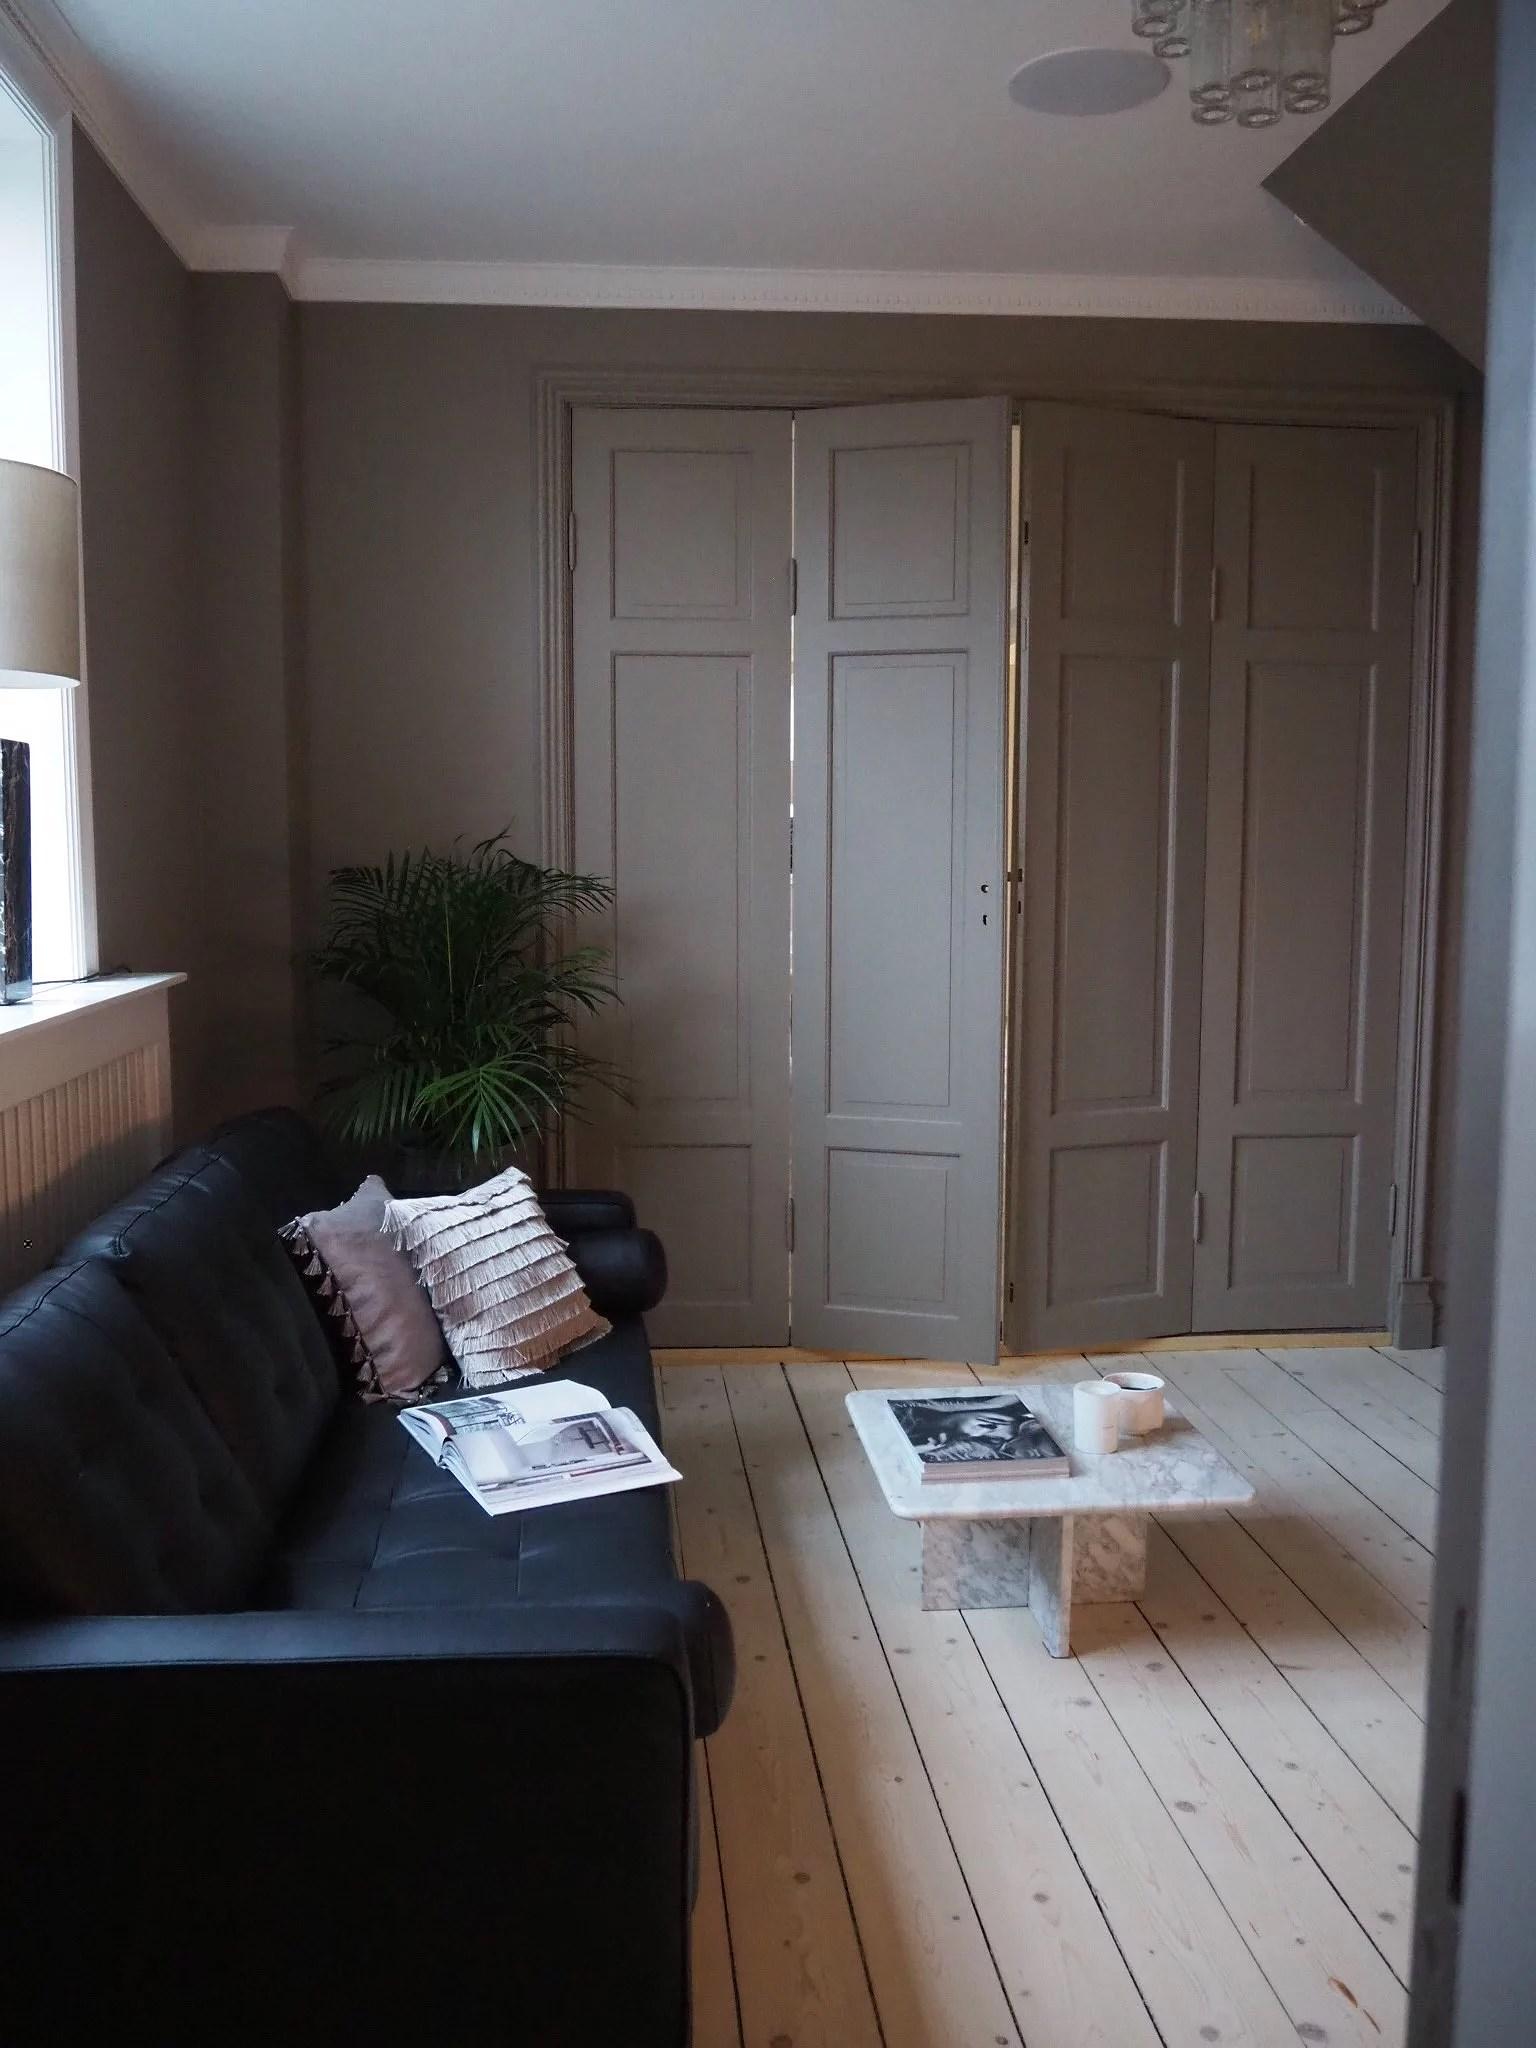 Fixa sovrummet